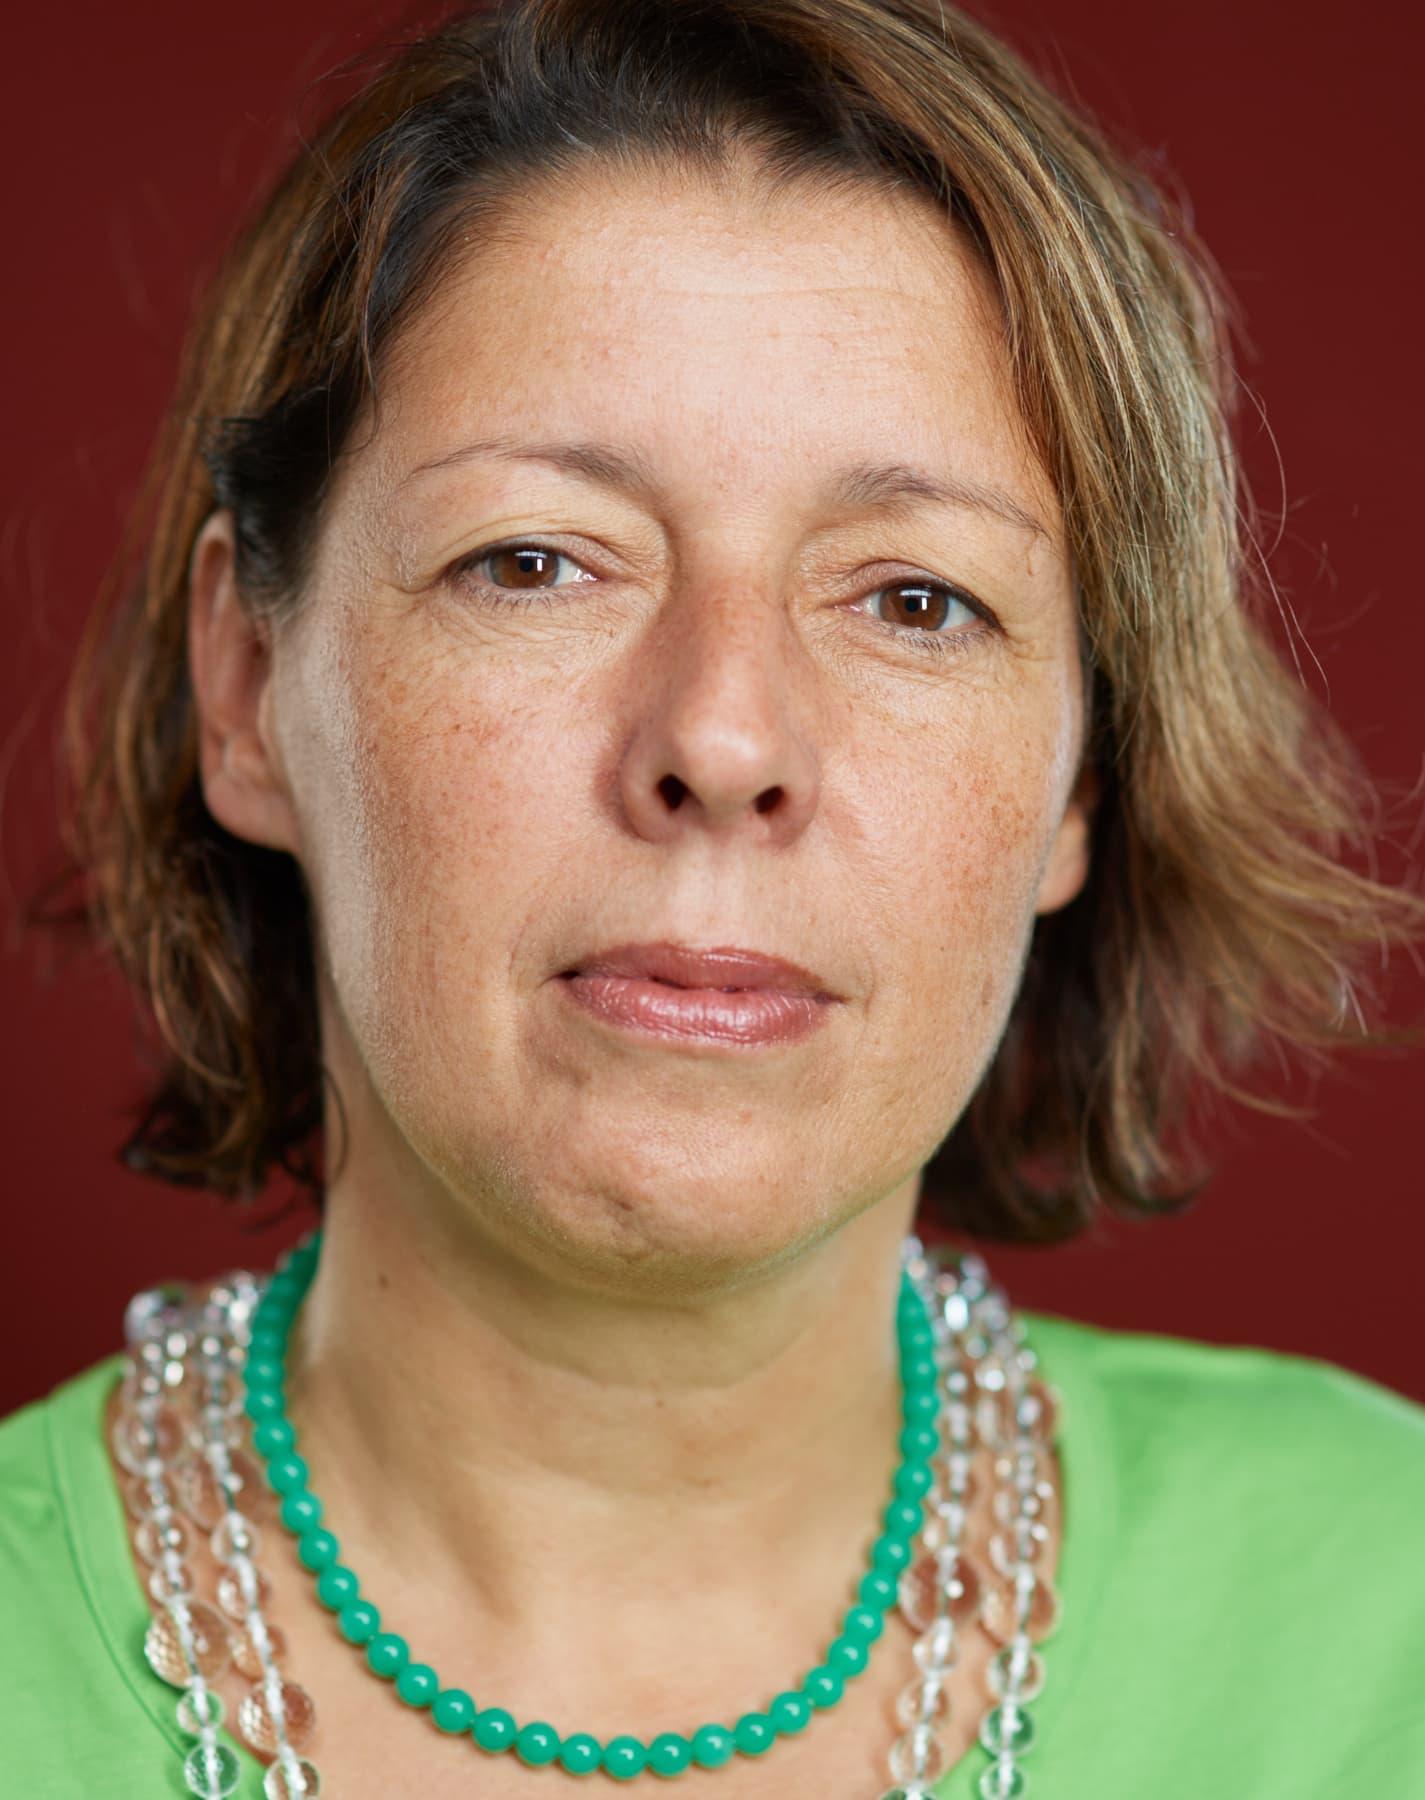 Portrait einer Frau mit prüfendem Blick